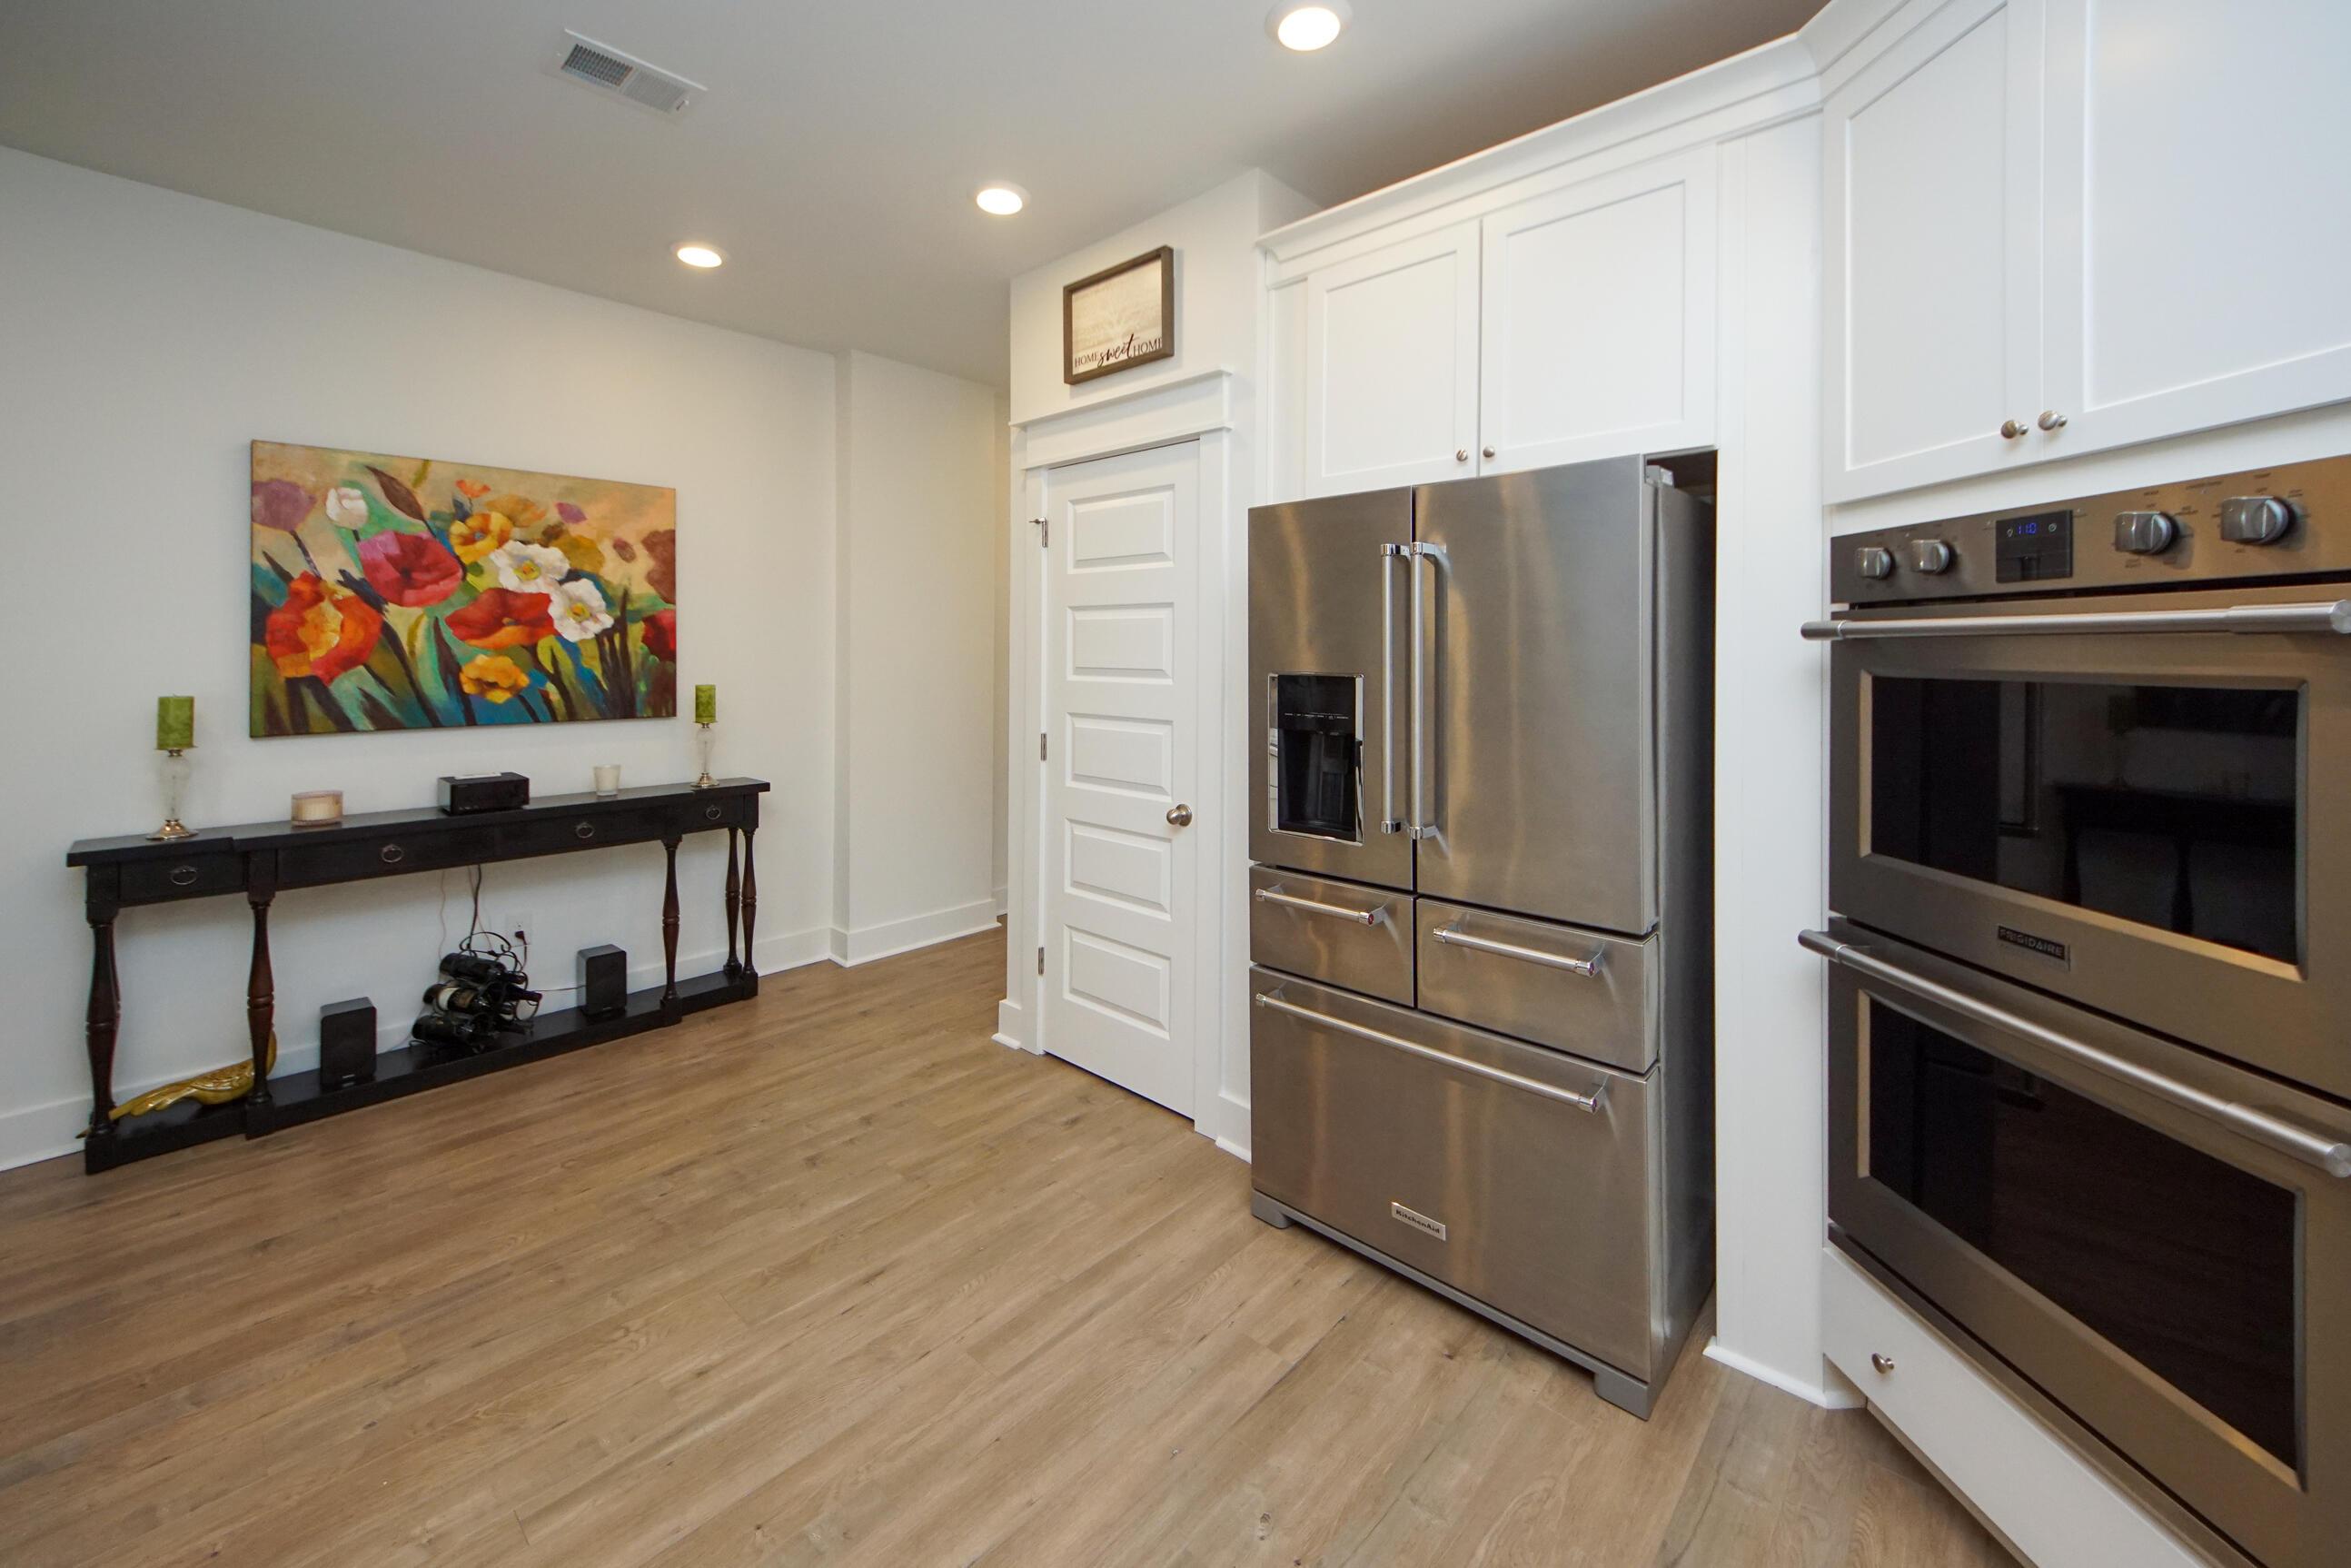 Park West Homes For Sale - 3085 Caspian, Mount Pleasant, SC - 9